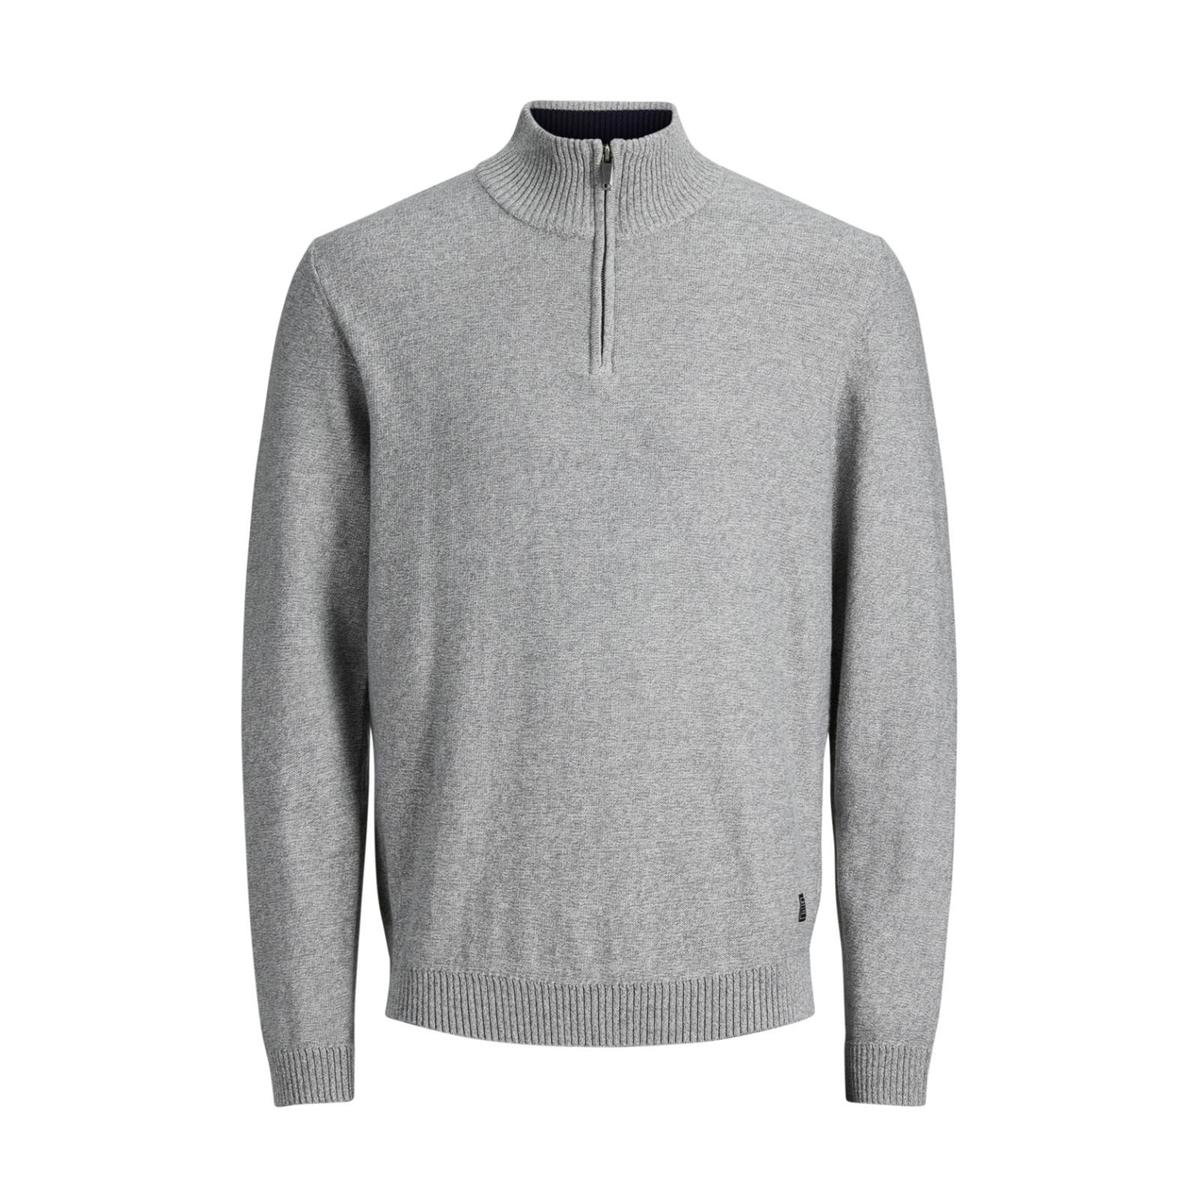 Пуловер JACK & JONES 12107507 от LaRedoute